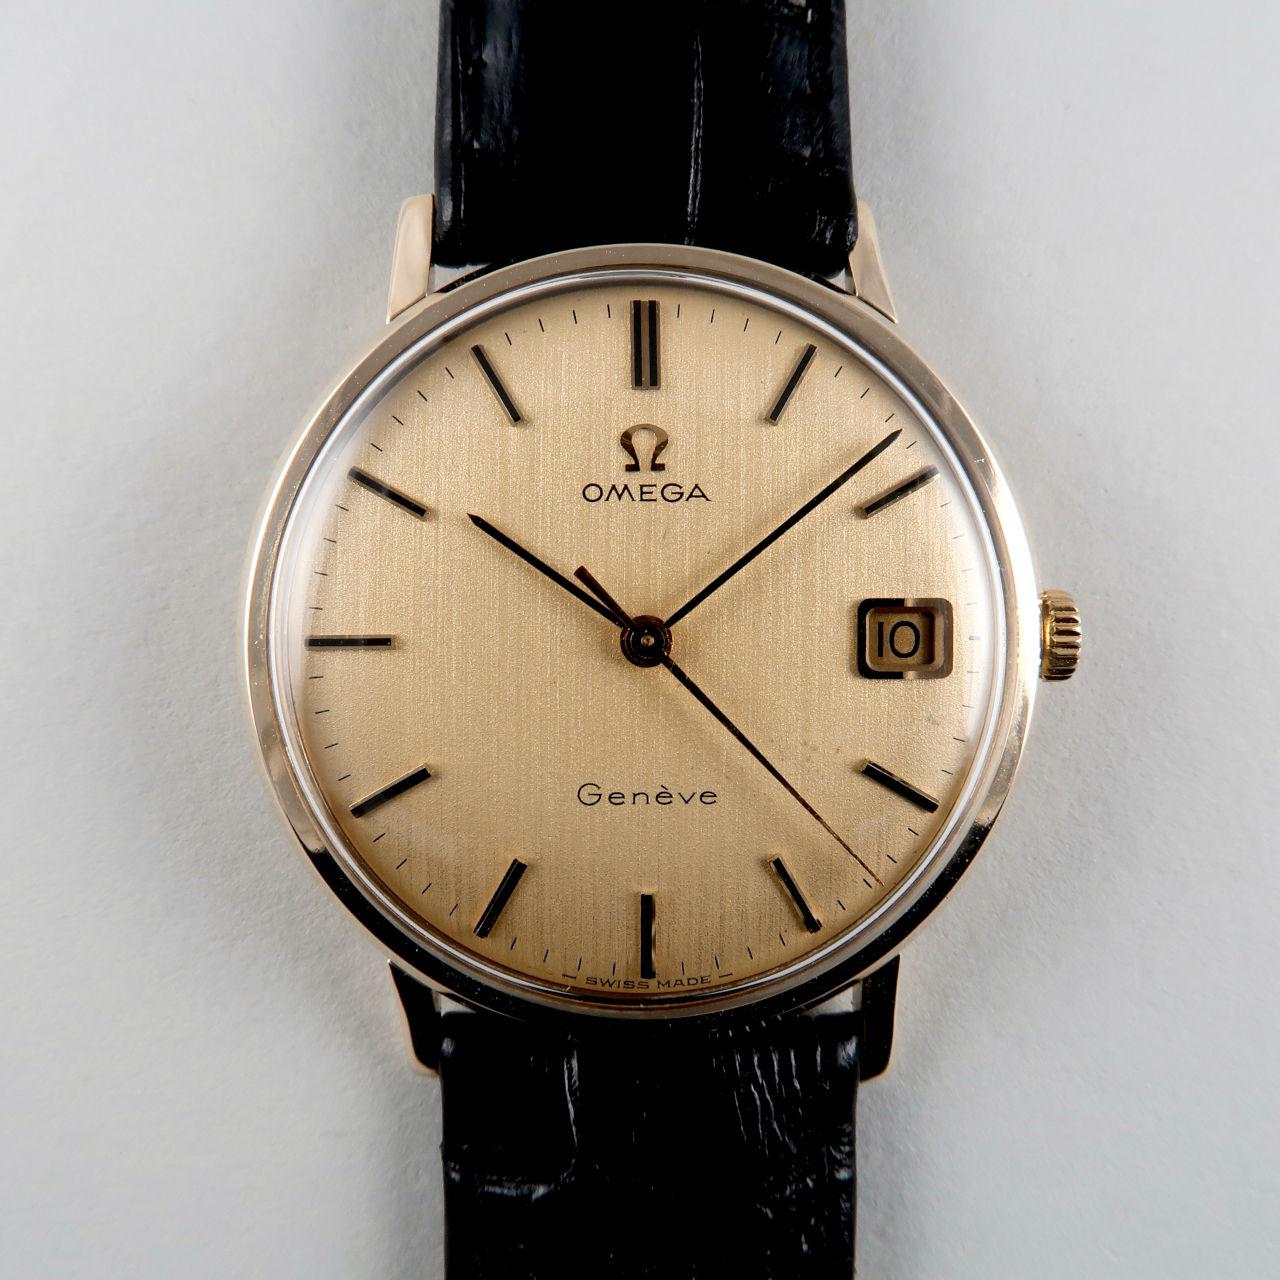 Omega Genève Ref. 131.5016 hallmarked 1973   9ct gold hand wound vintage wristwatch